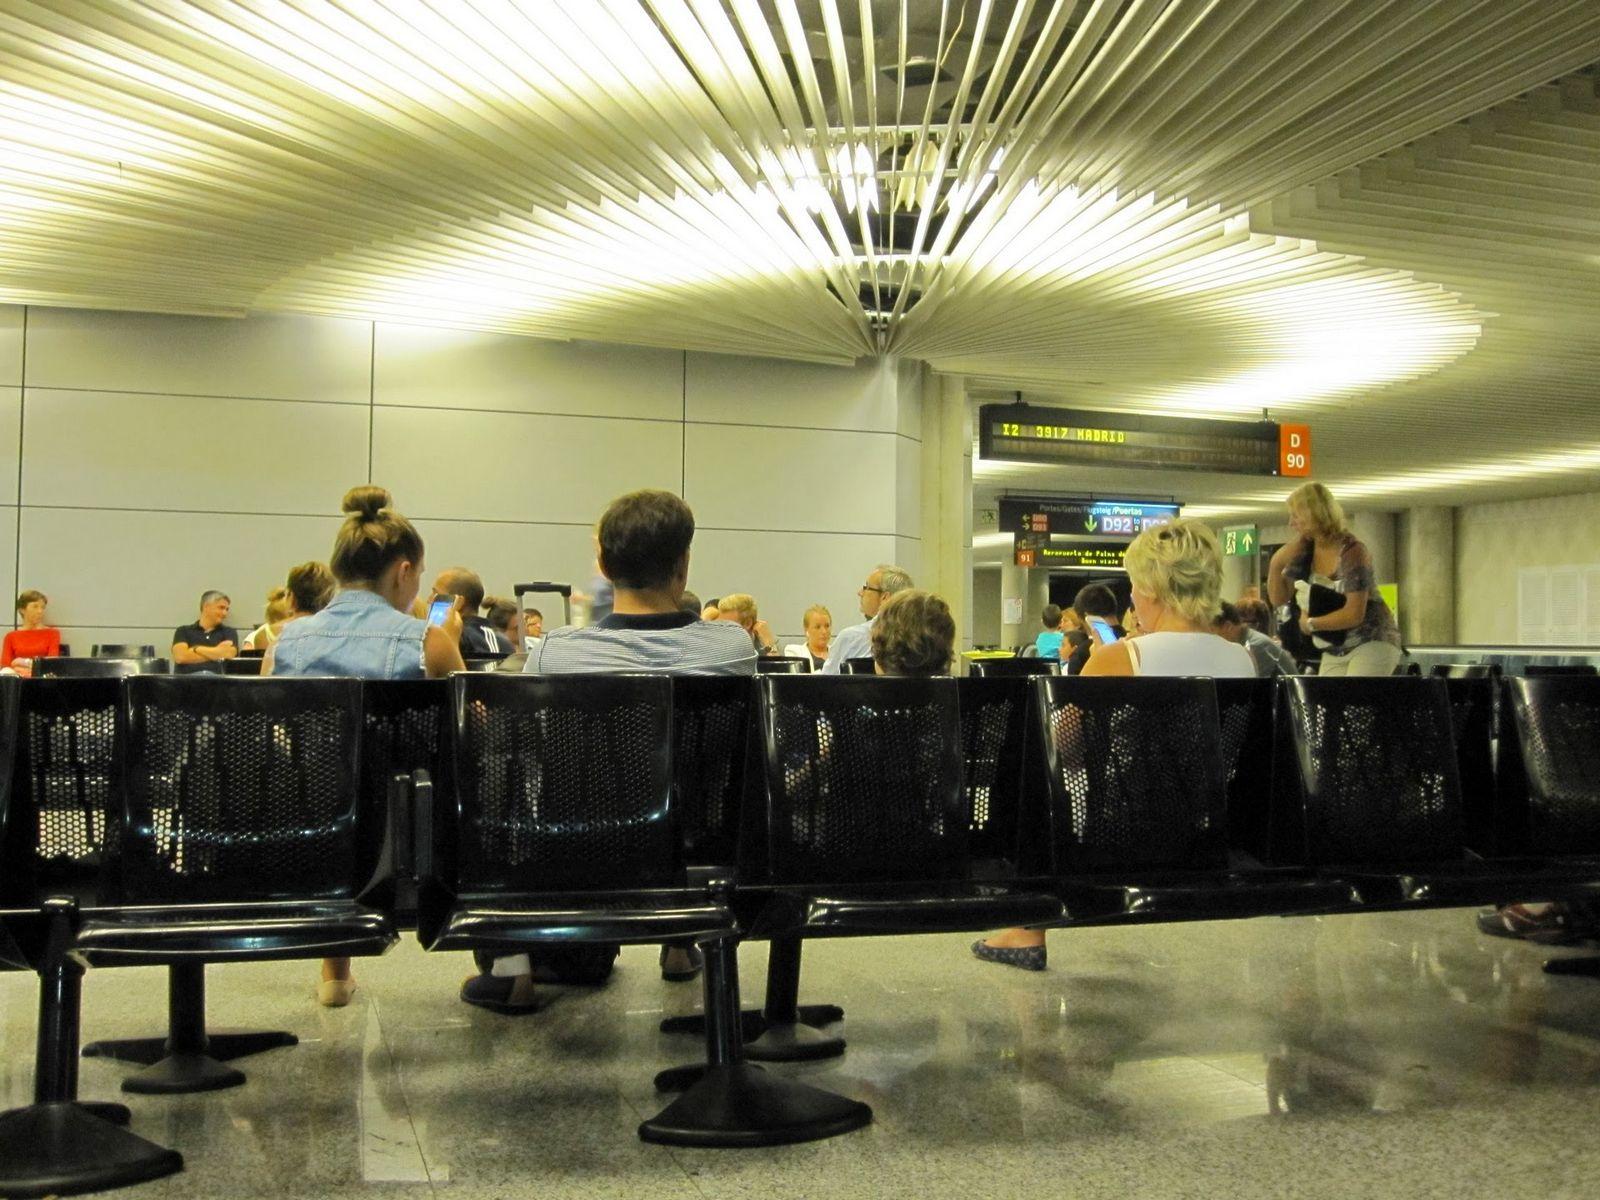 Esperando el embarque sentados. Imposible con Ryanair